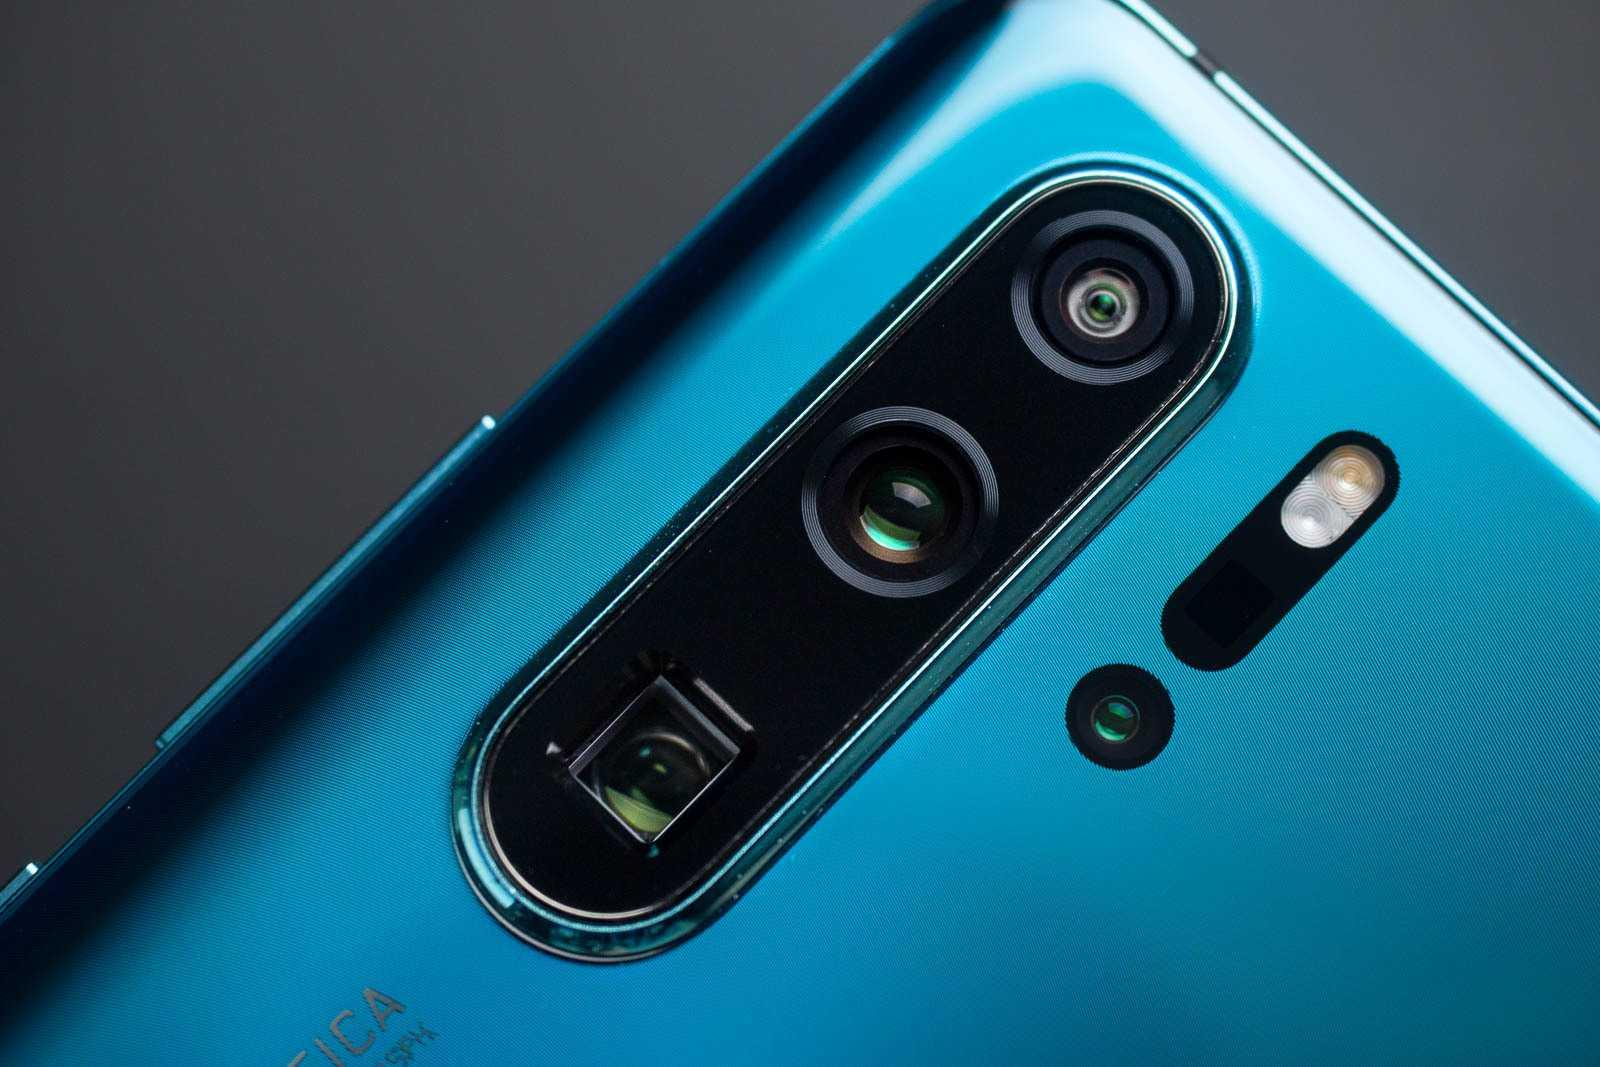 Топ 10 смартфонов для записи видео и фото в 2020 году